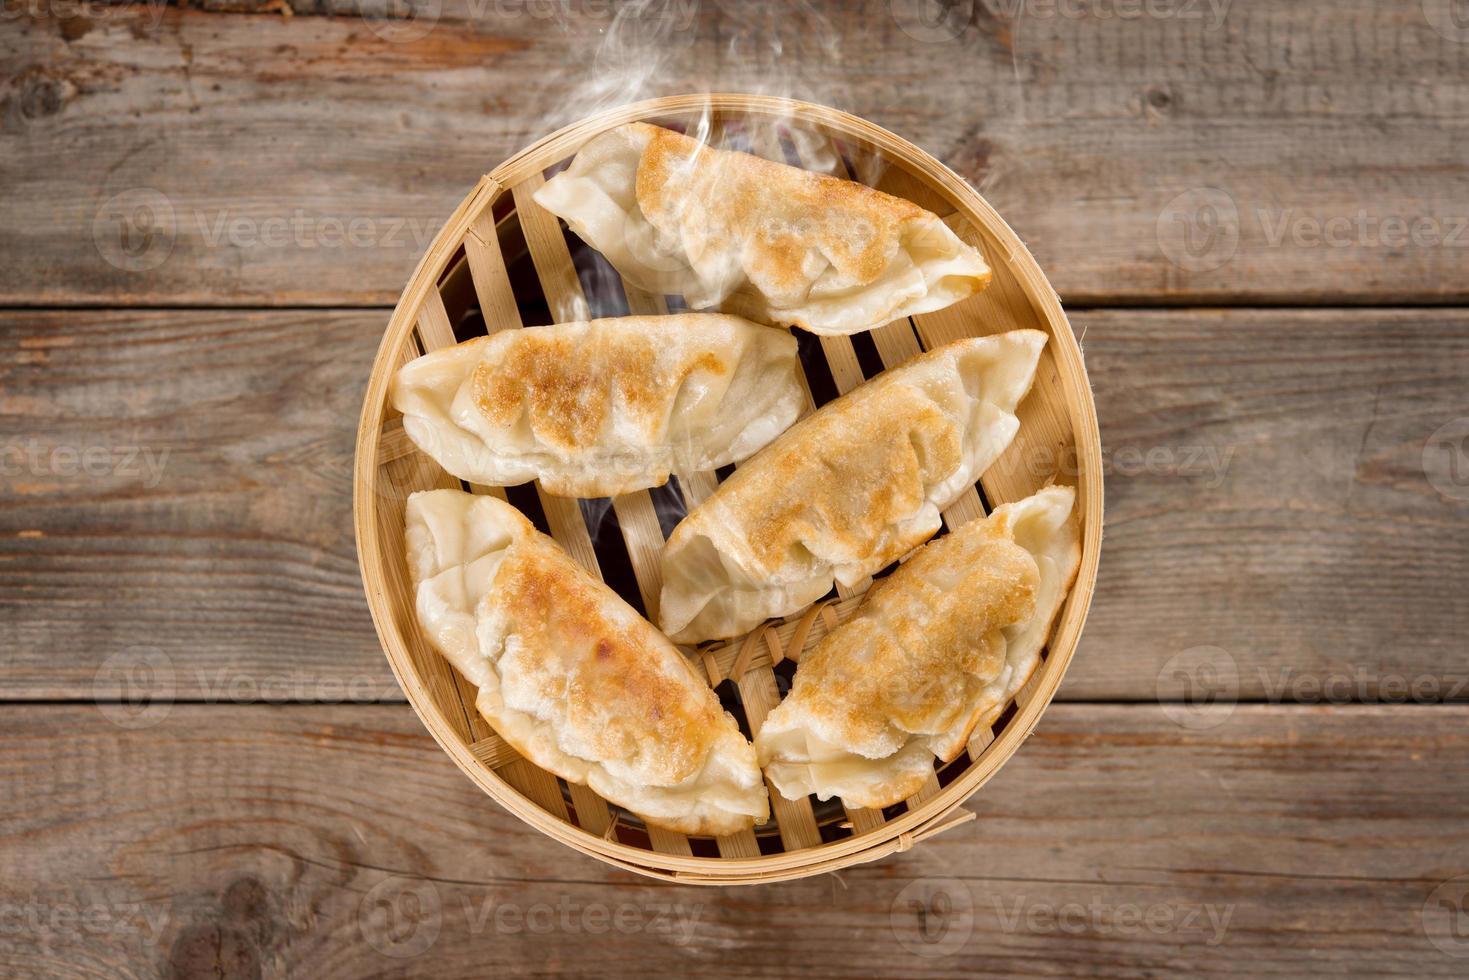 albóndigas fritas pan cocina china foto